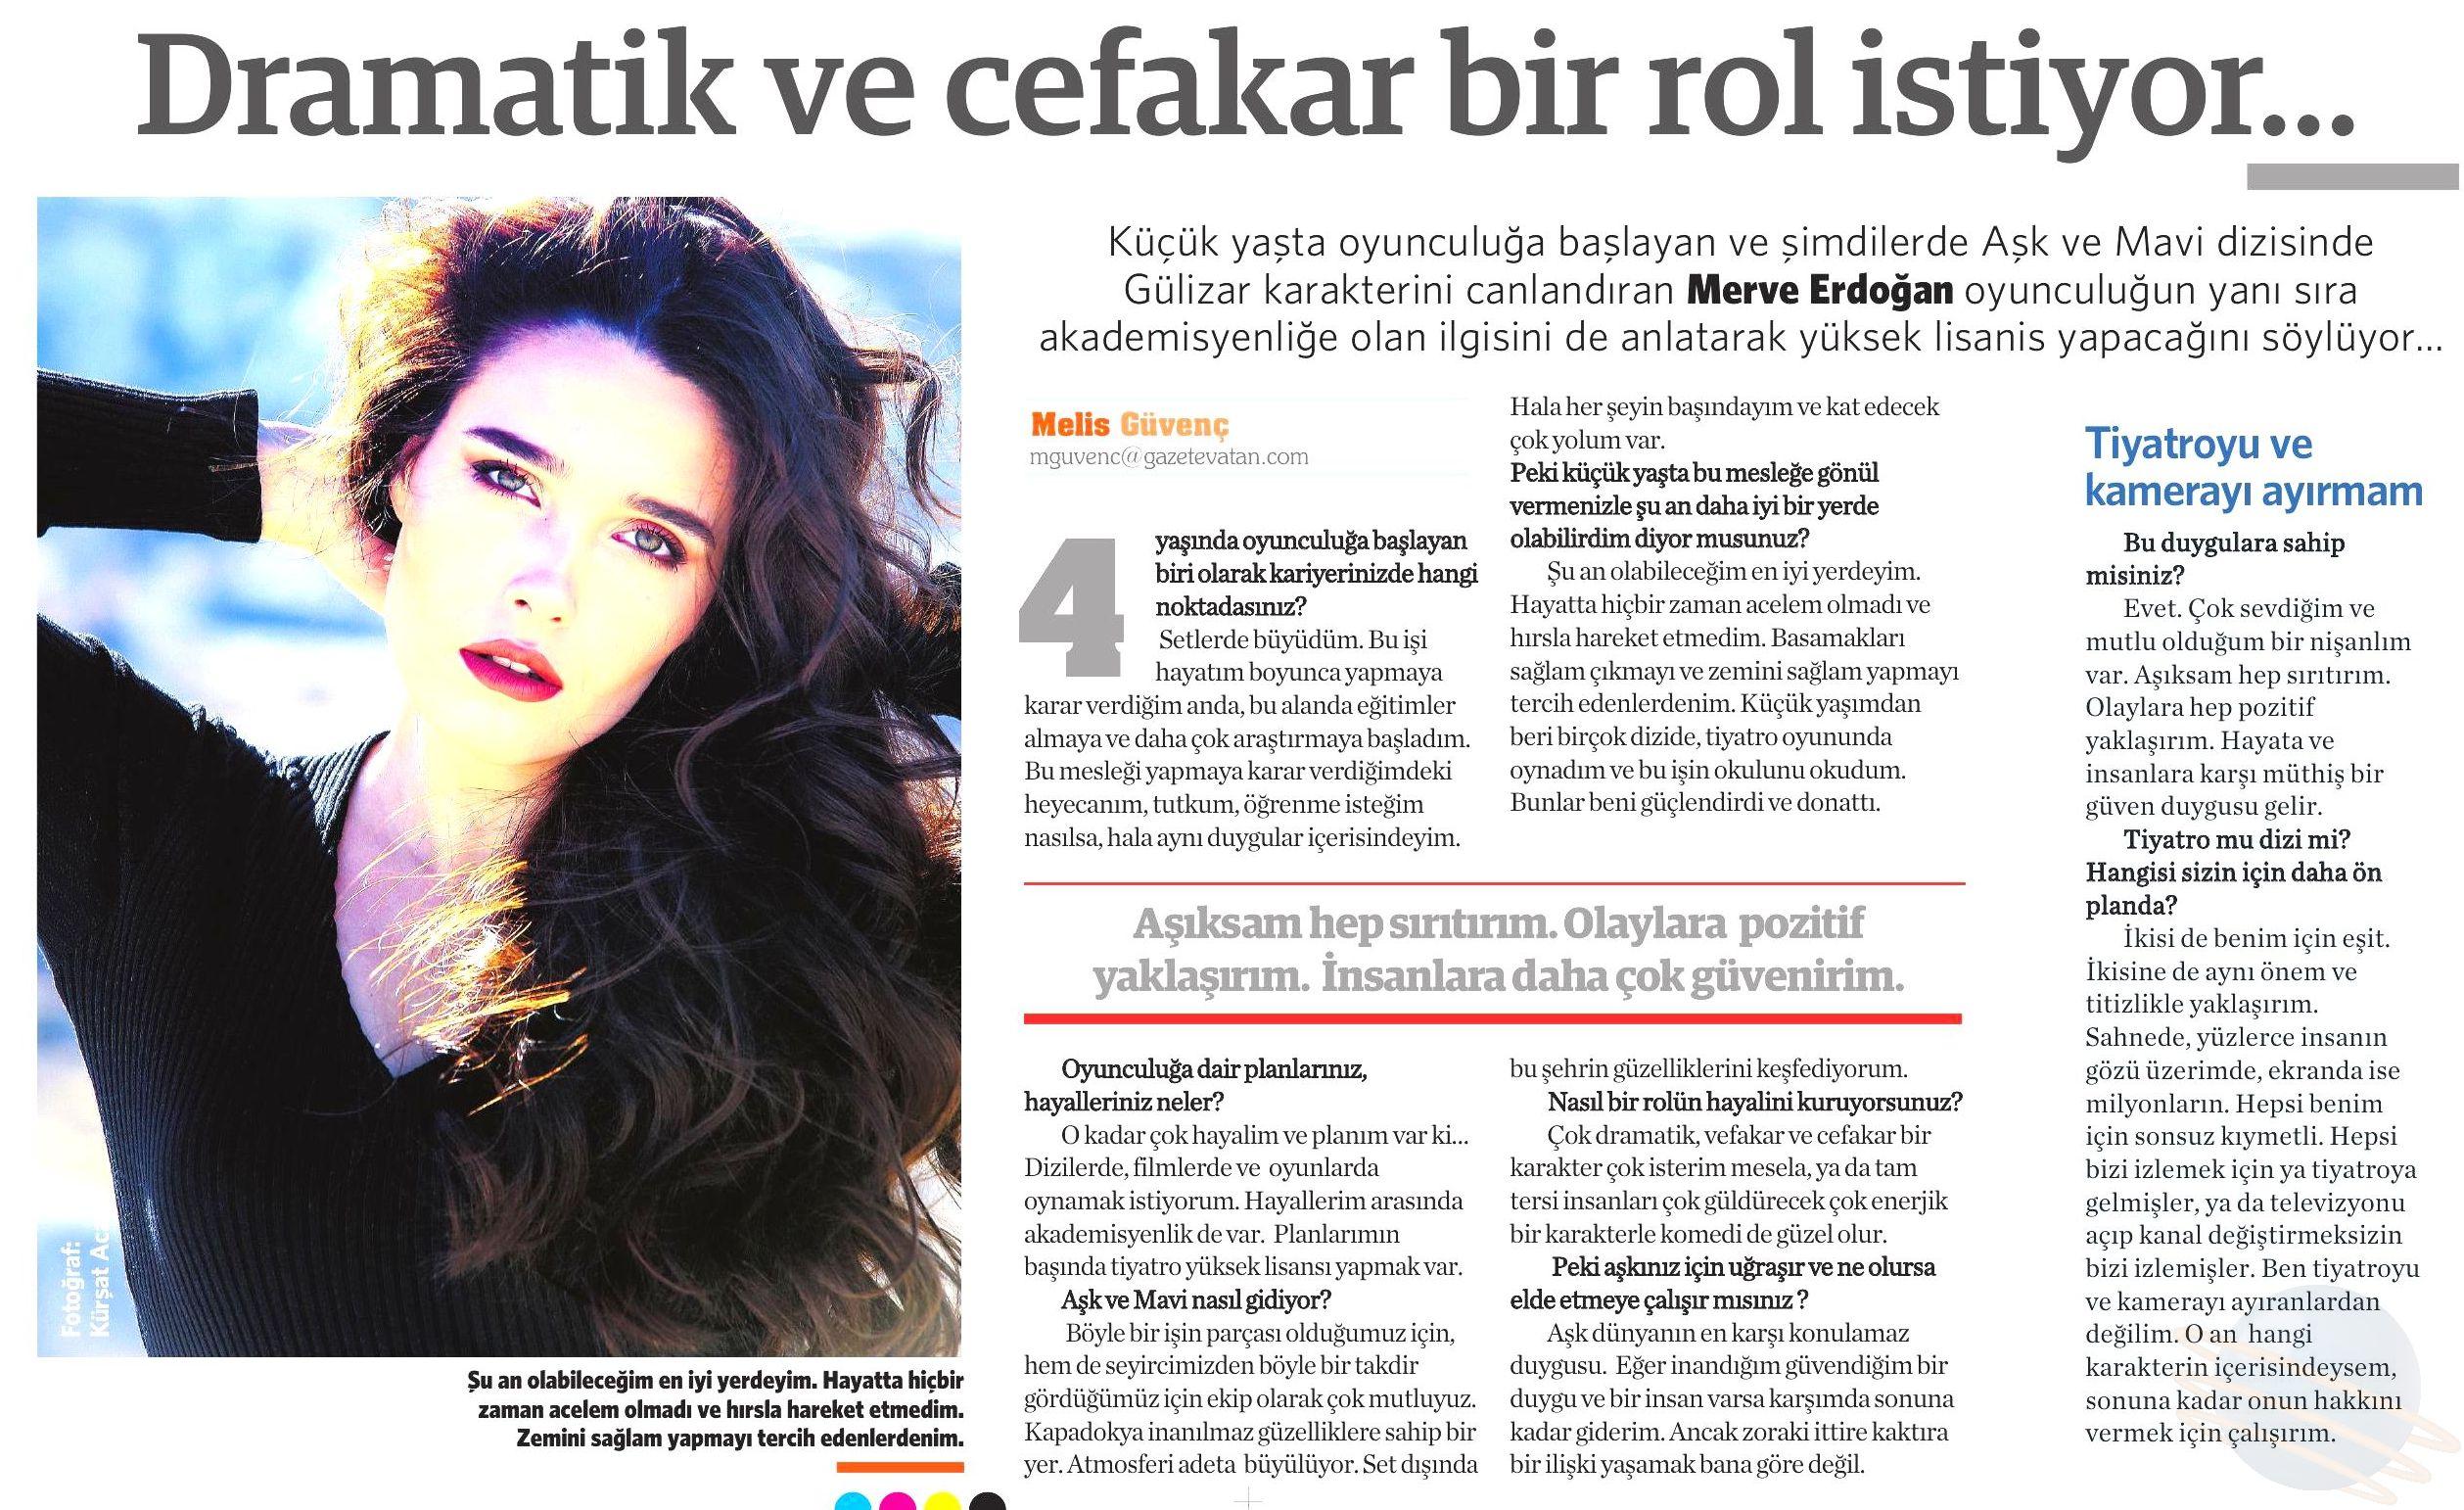 Merve Erdoğan - Vatan Gazetesi Röportajı 2